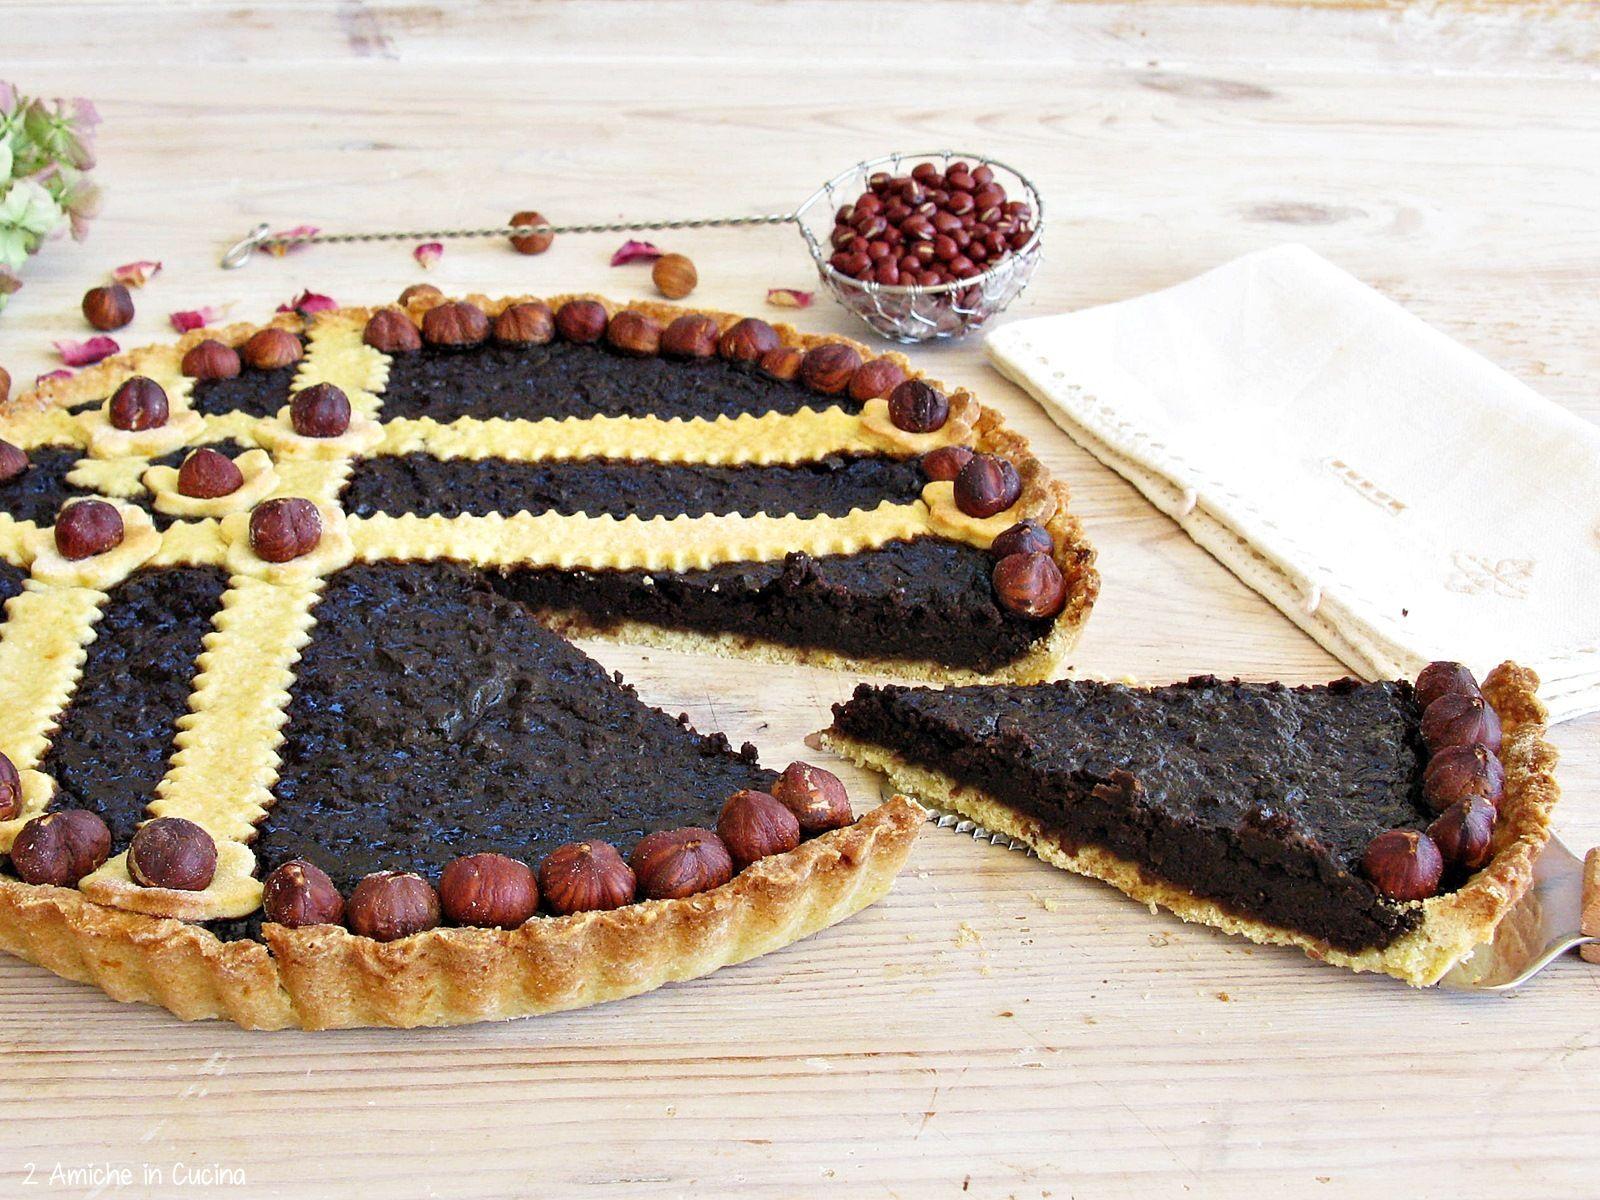 Dolci Da Credenza Biscotti Alle Nocciole : Crostata ai fagioli adzuki e nocciole credenzas crostate